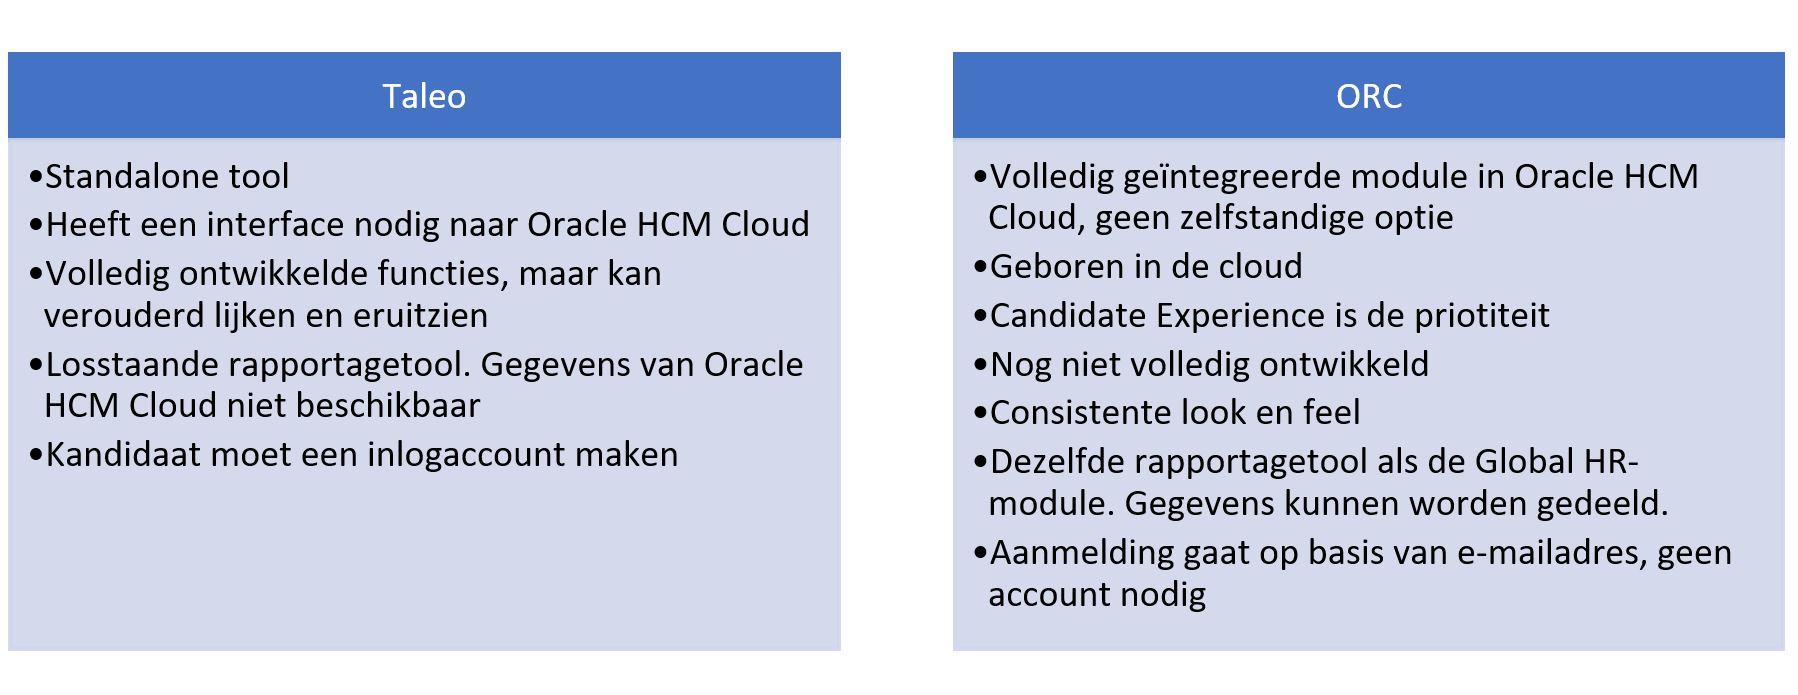 Belangrijkste verschillen tussen Taleo en Oracle Recruiting Cloud